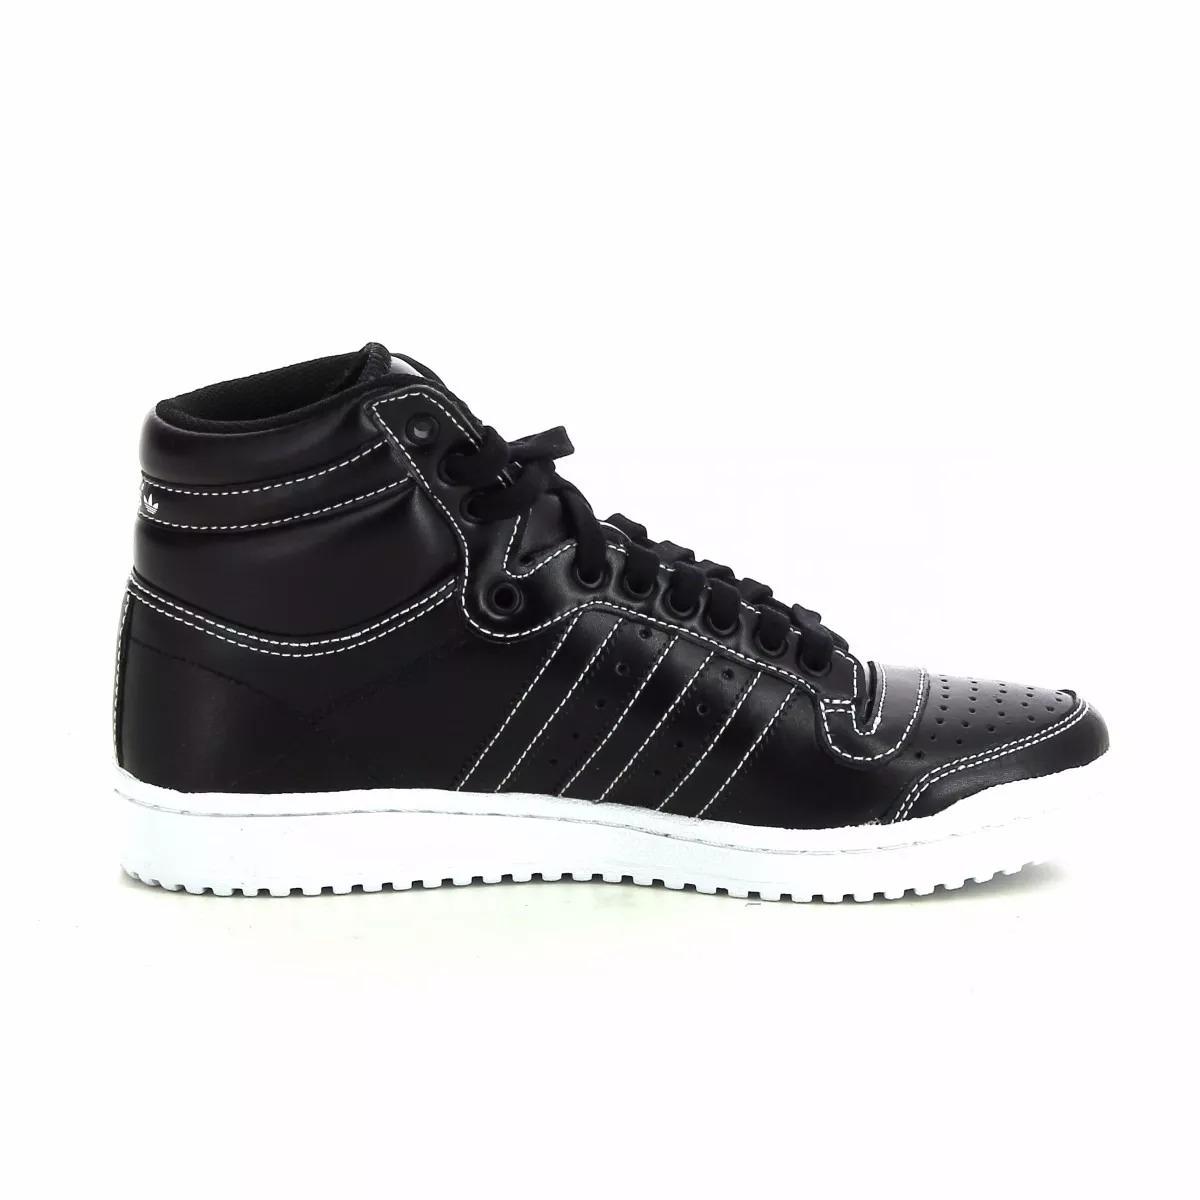 zapatillas adidas originals top ten hi 35 % off mcvent.club. Cargando zoom. f299c21bac518